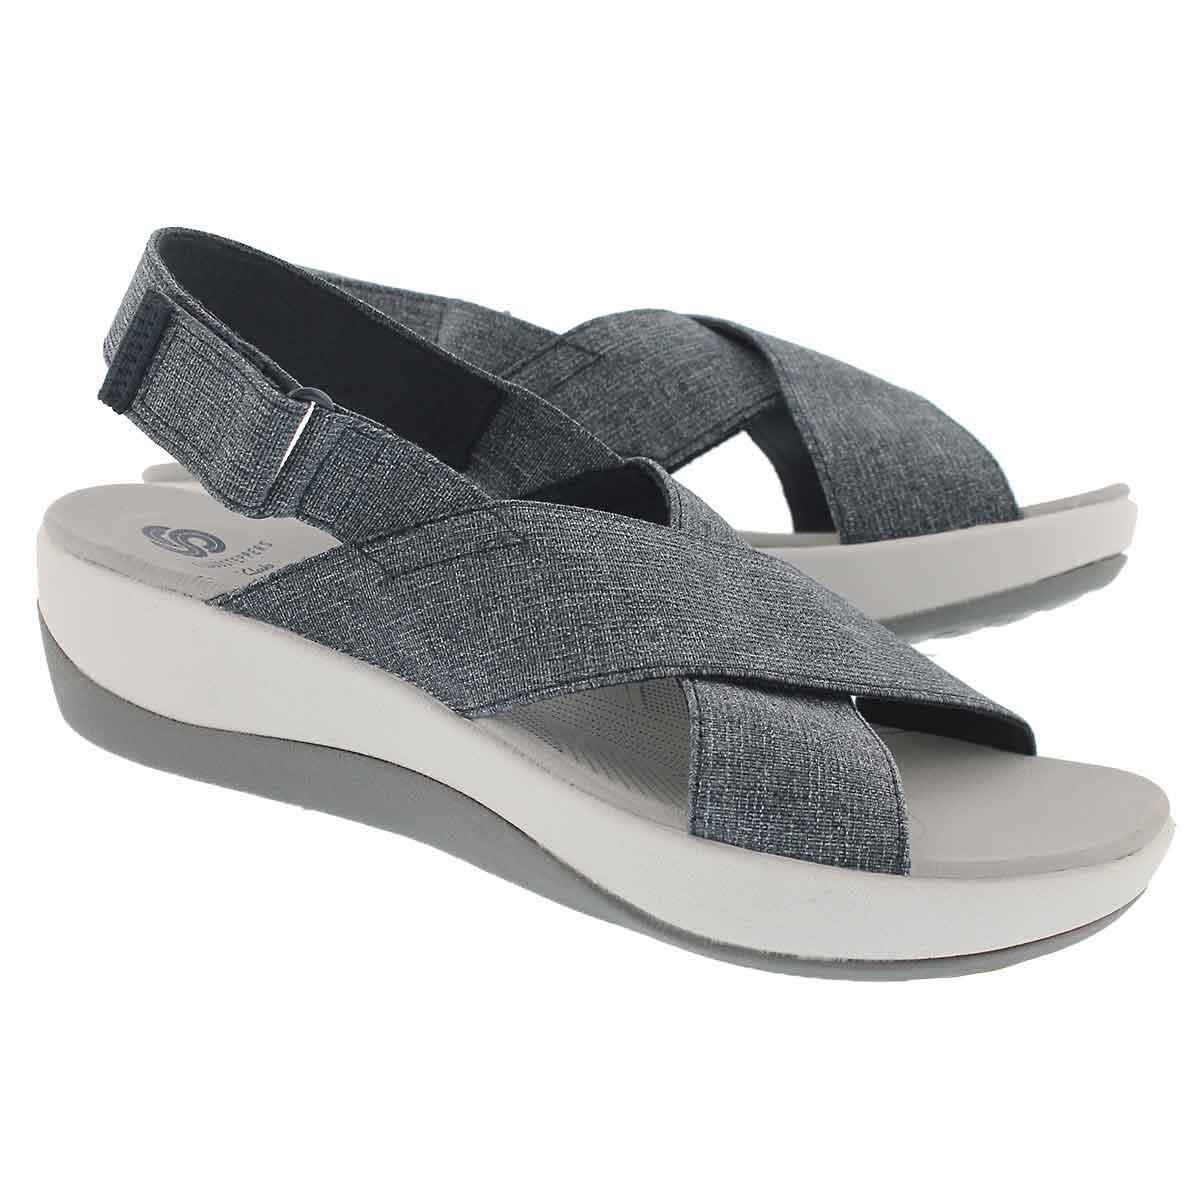 Lds Arla Kaydin nvy/wht wedge sandal